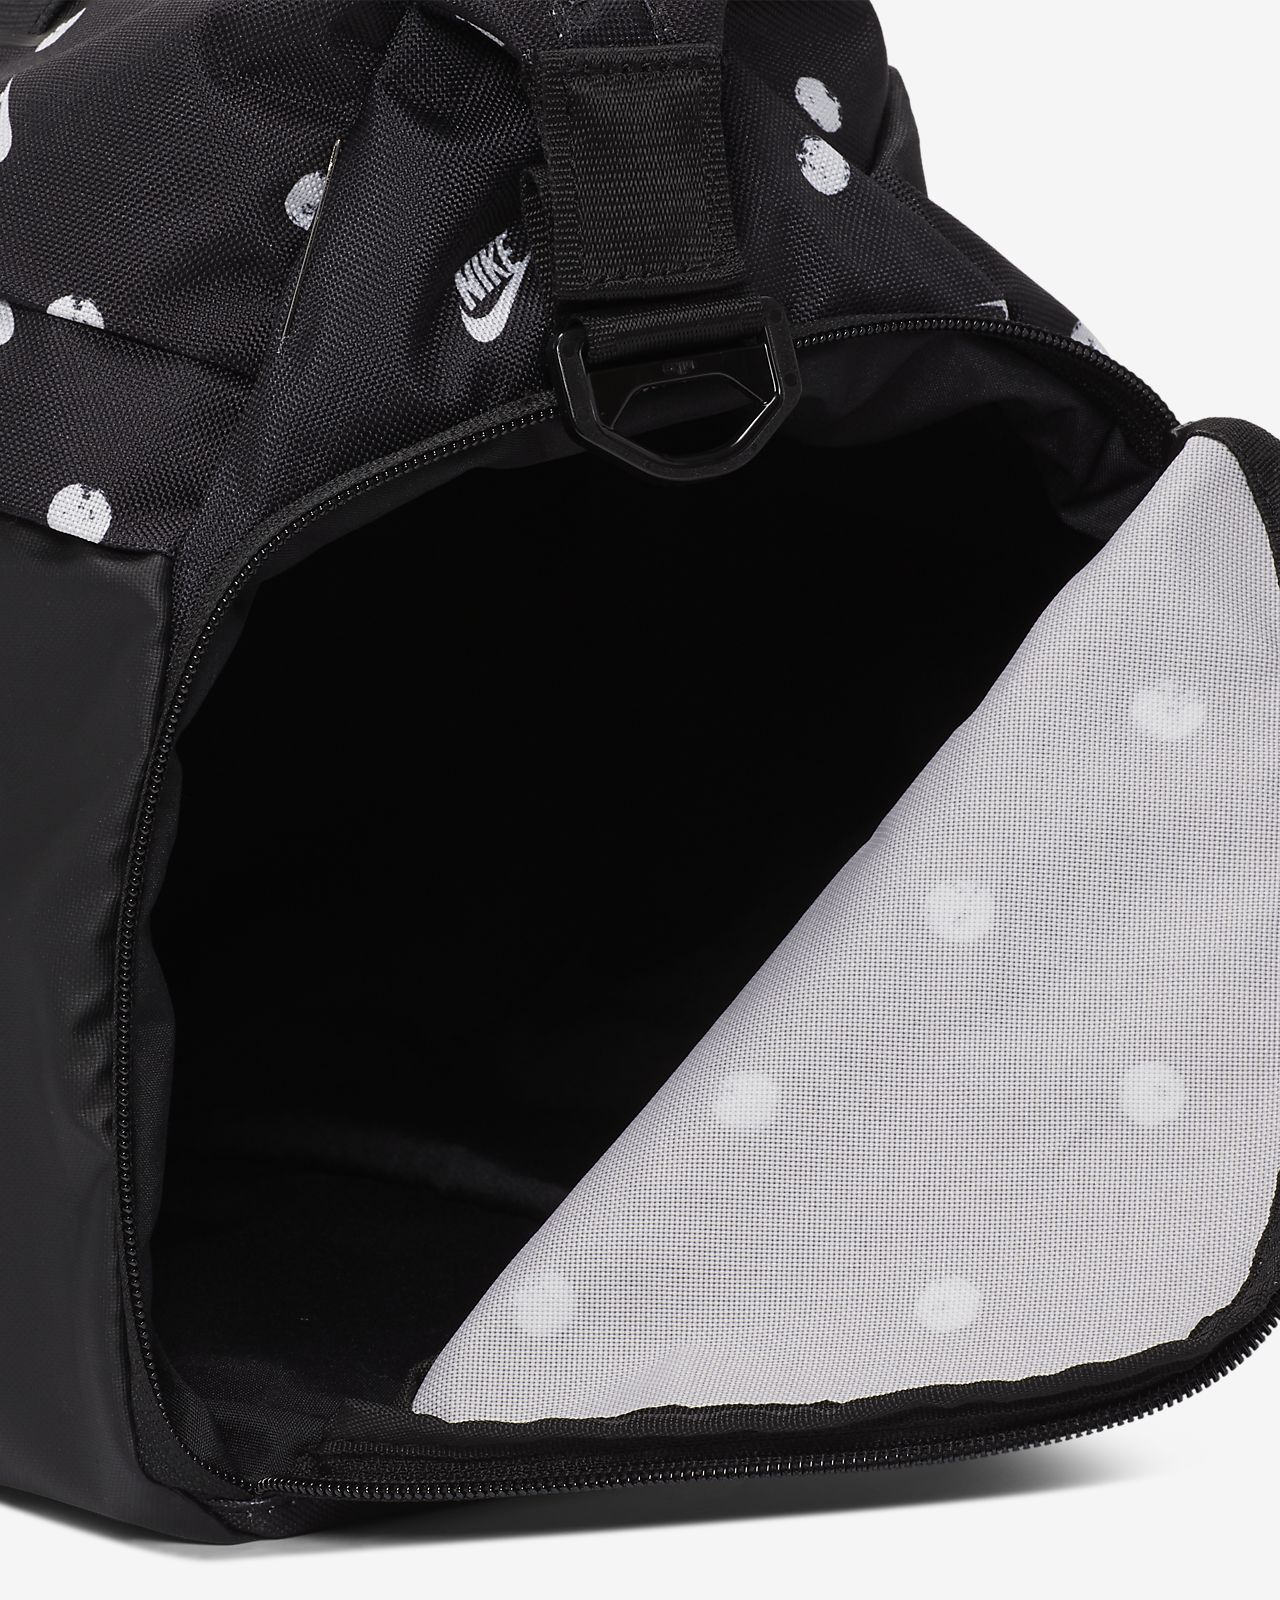 Nike Radiate Club Duffle Bag black 50% off!